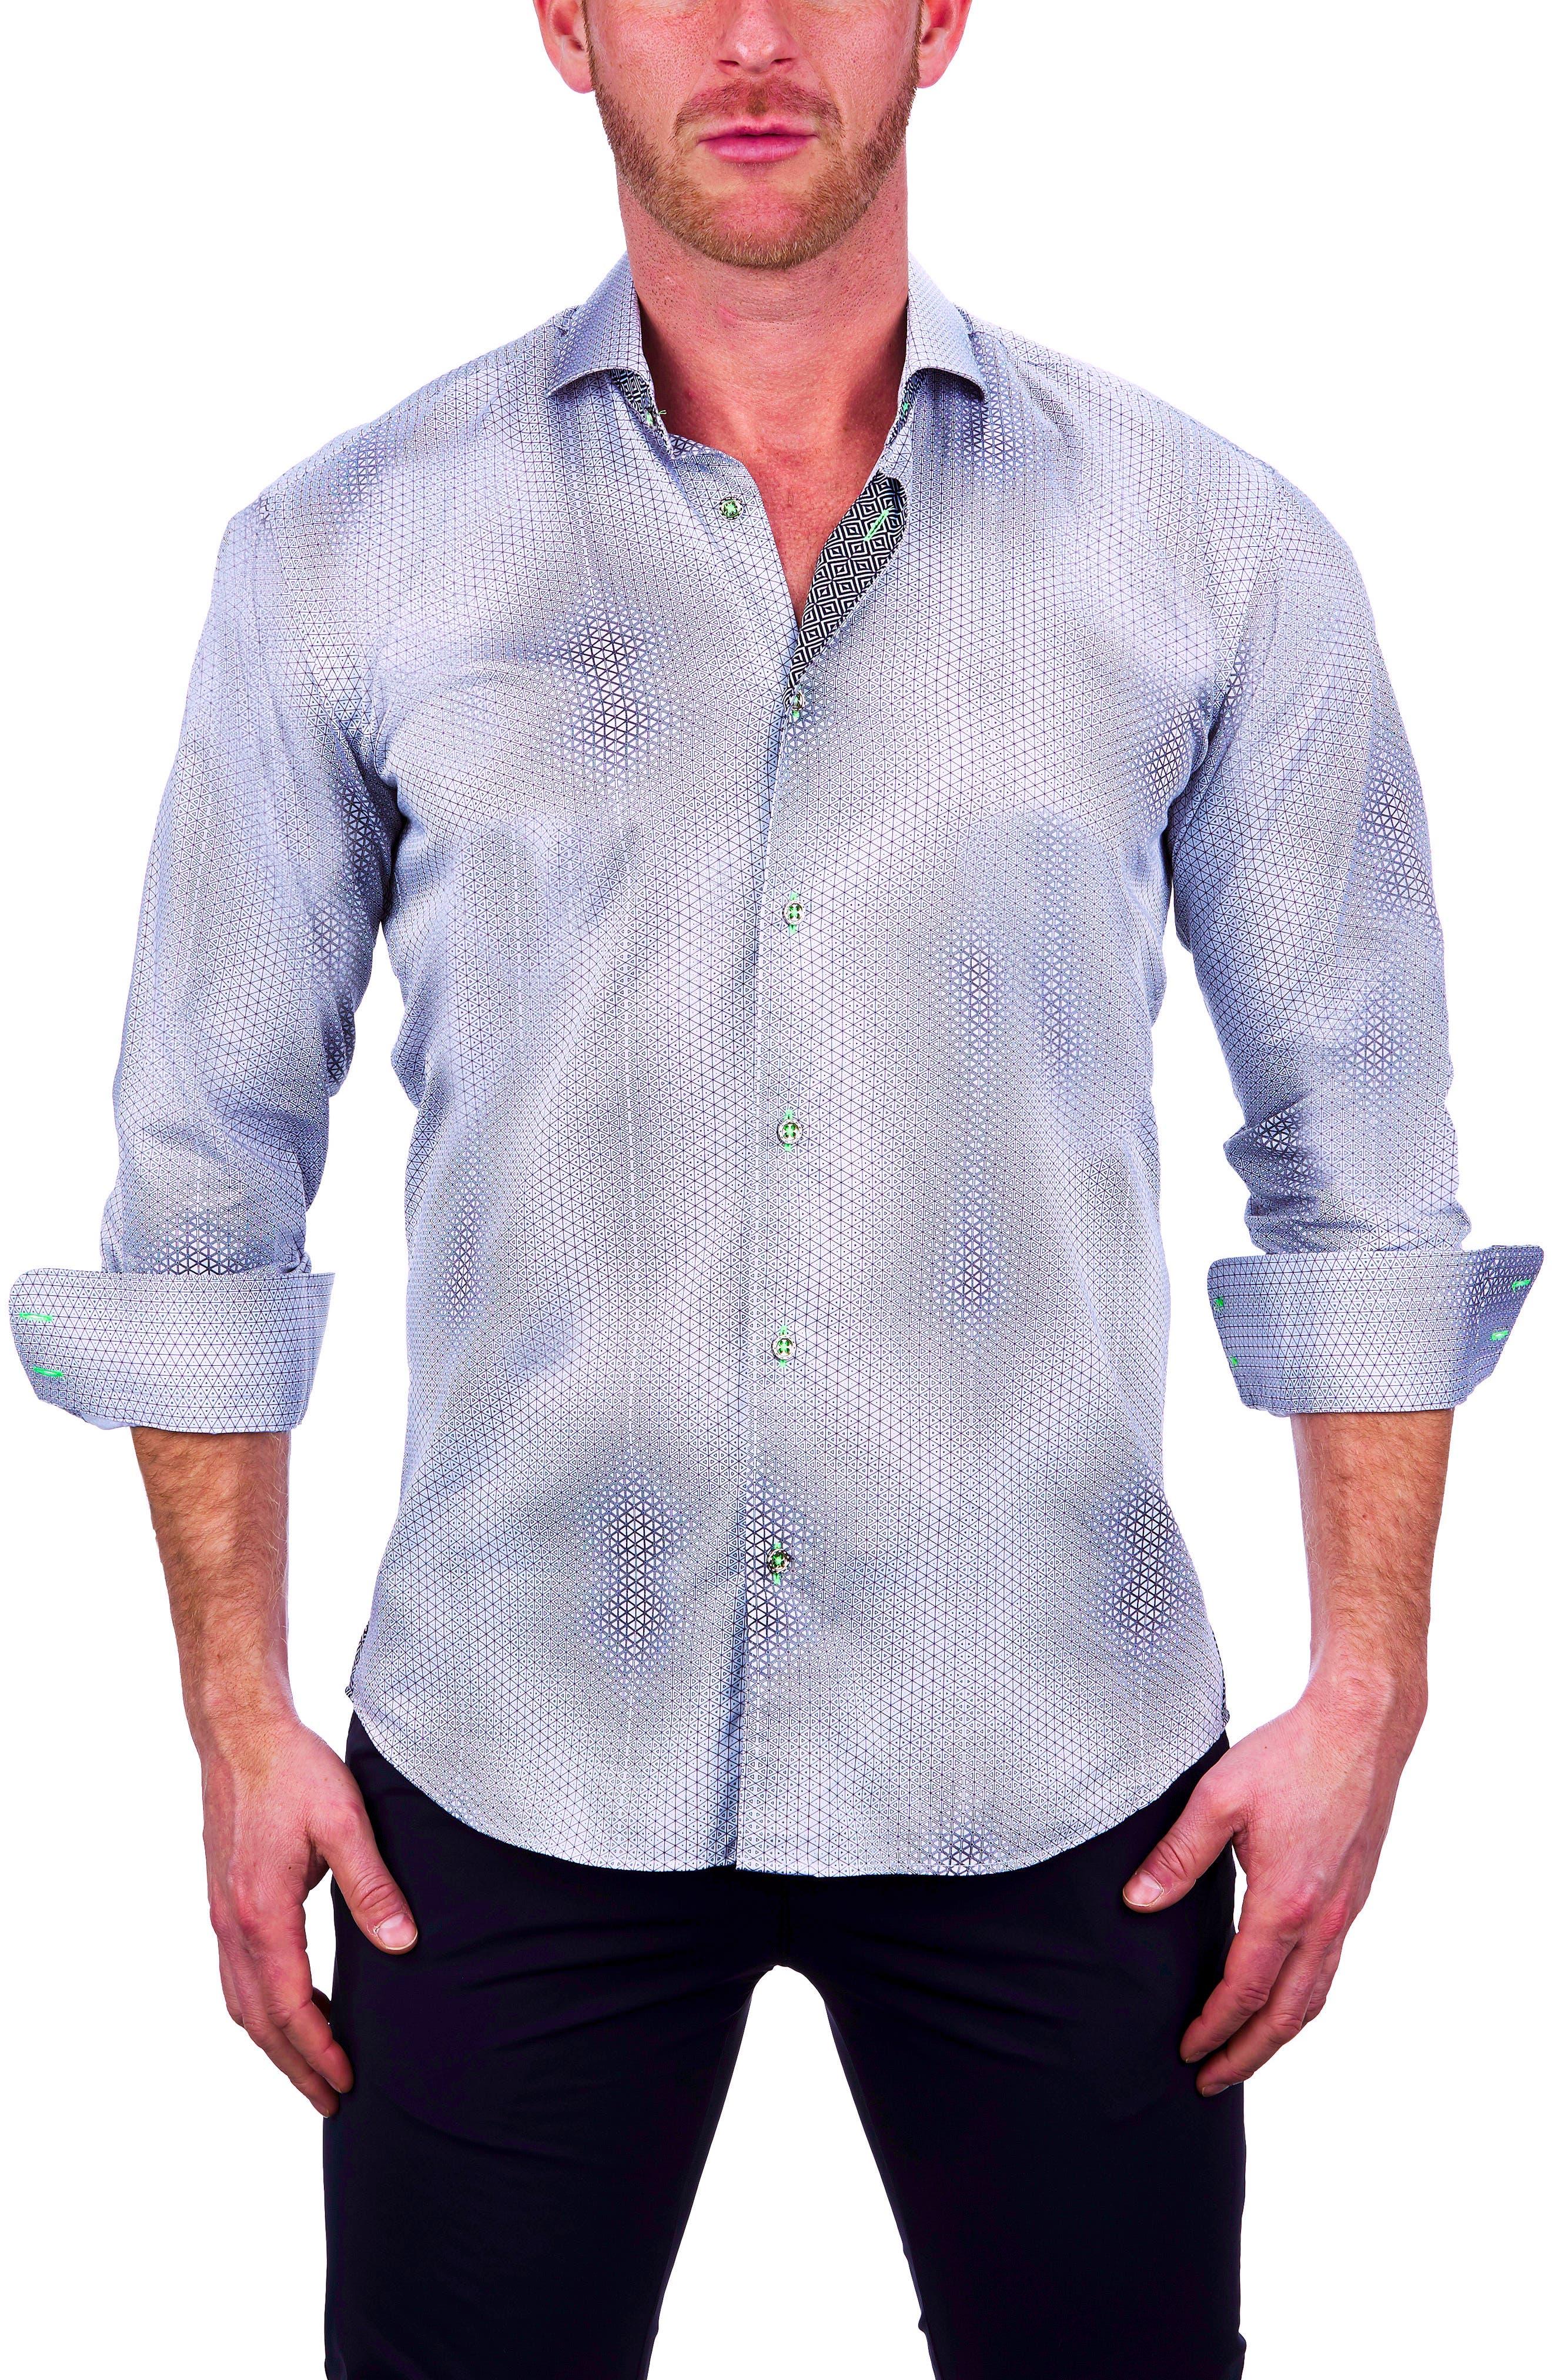 Einstein Dior White Button-Up Shirt